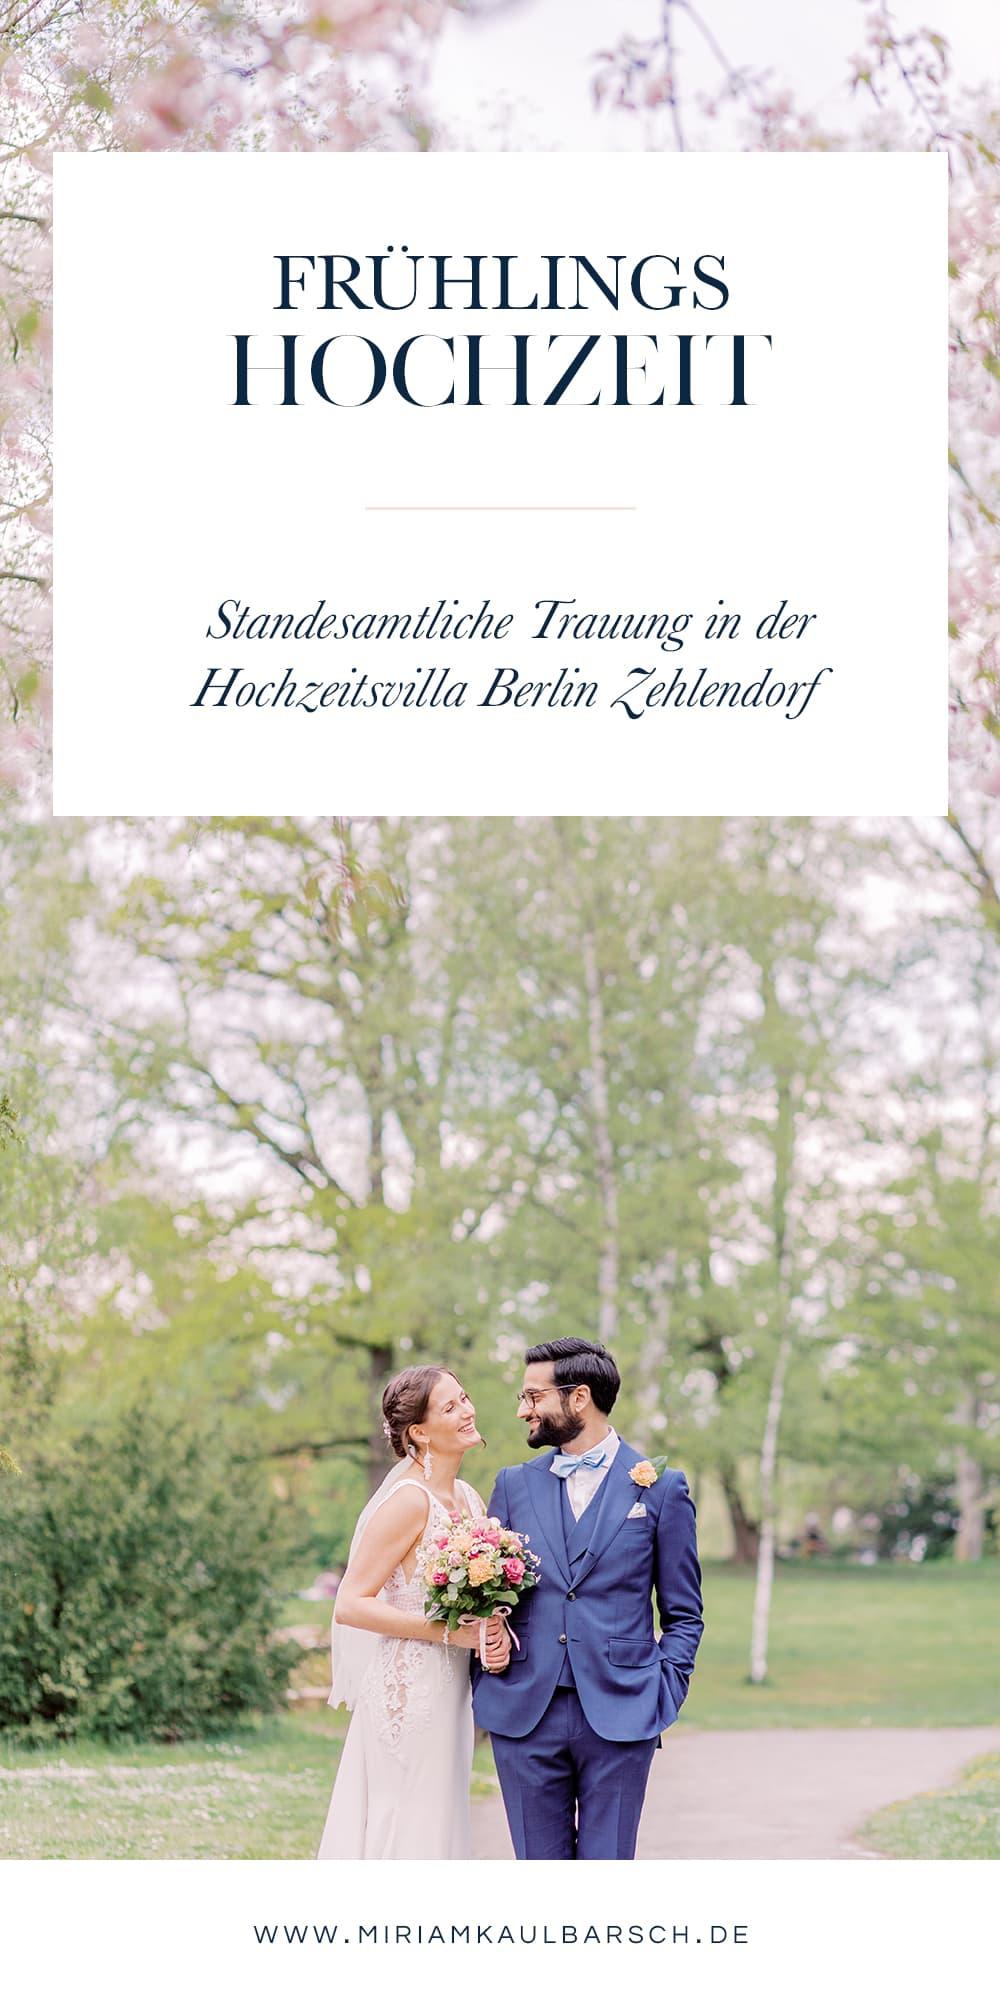 Frühlingshochzeit - Standesamtliche Trauung in der Hochzeitsvilla Berlin Zehlendorf